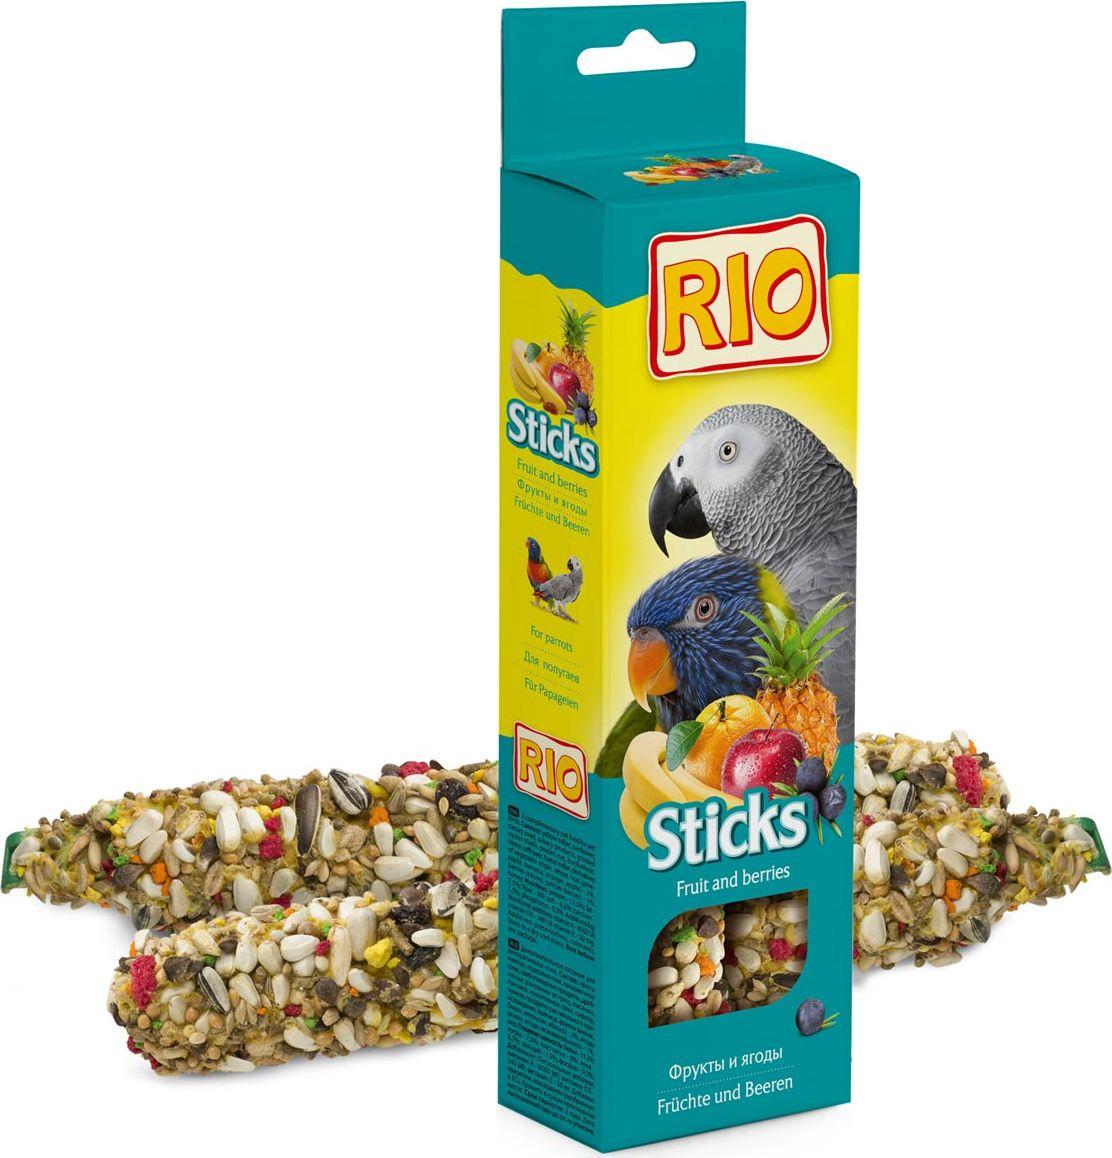 Лакомство для попугаев RIO, палочки, с фруктами и ягодами, 75 г, 2 шт лакомство для средних попугаев веселый попугай две палочки с фруктами и ягодами 35 г 2 шт